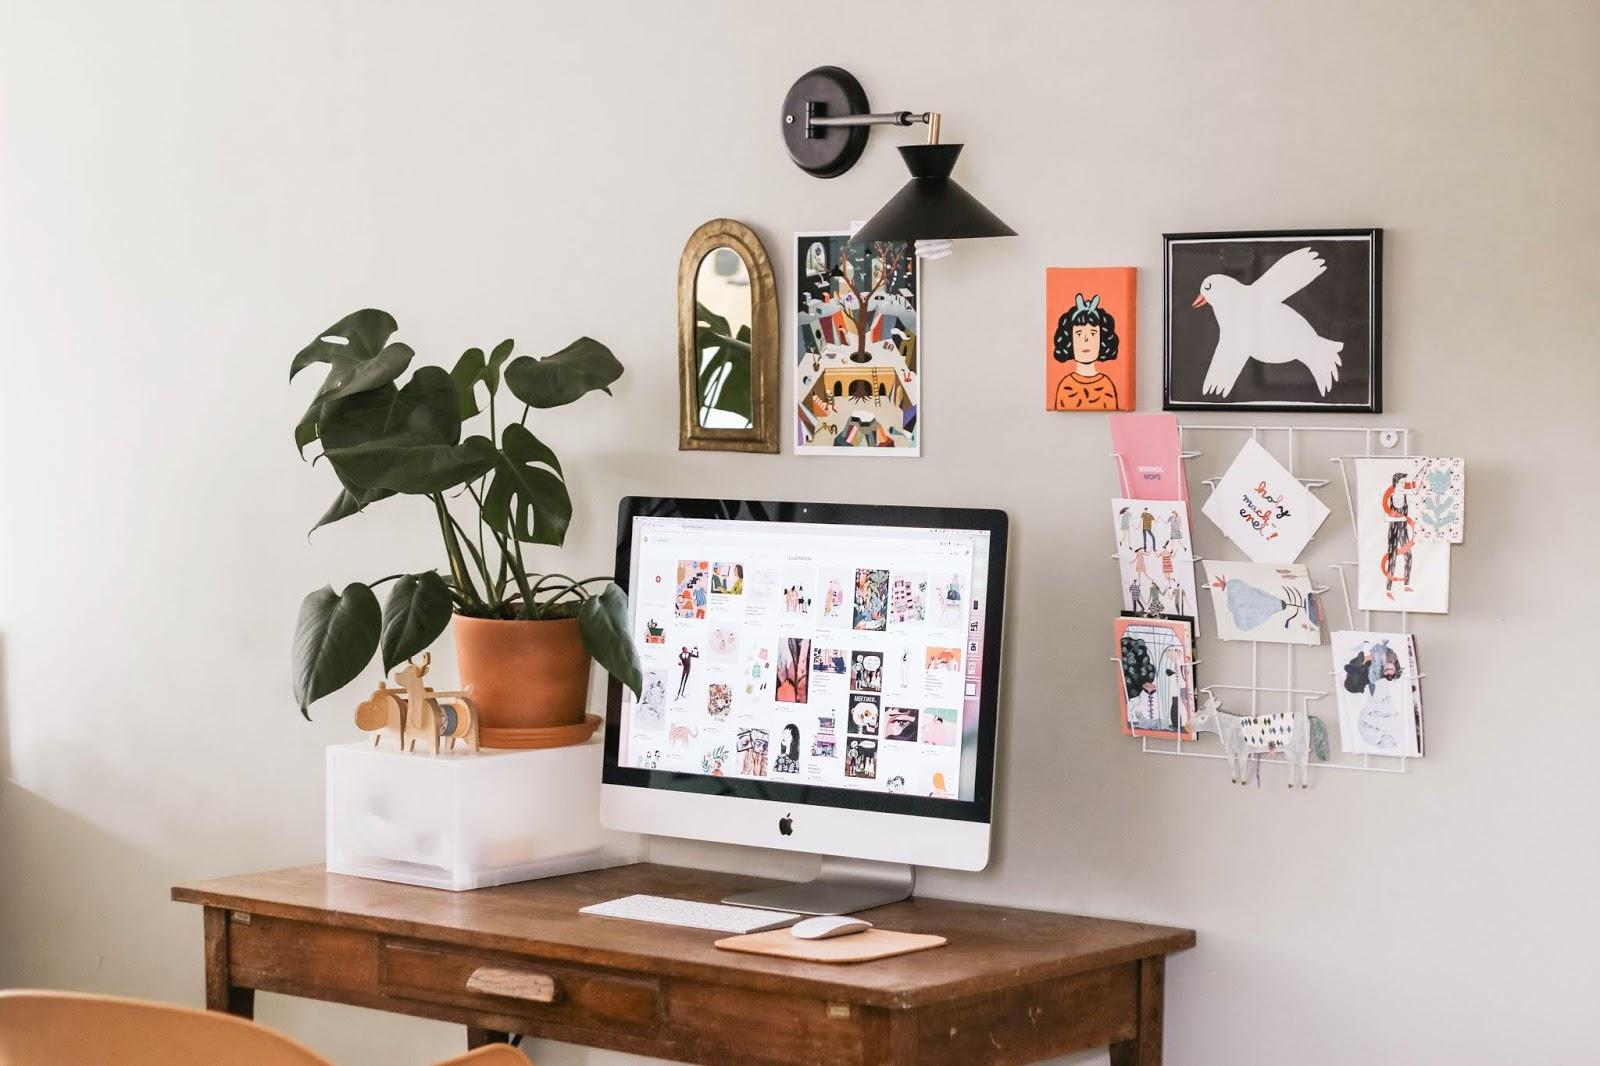 przestrzeń do pracy, jak urządzić miejsce do pracy